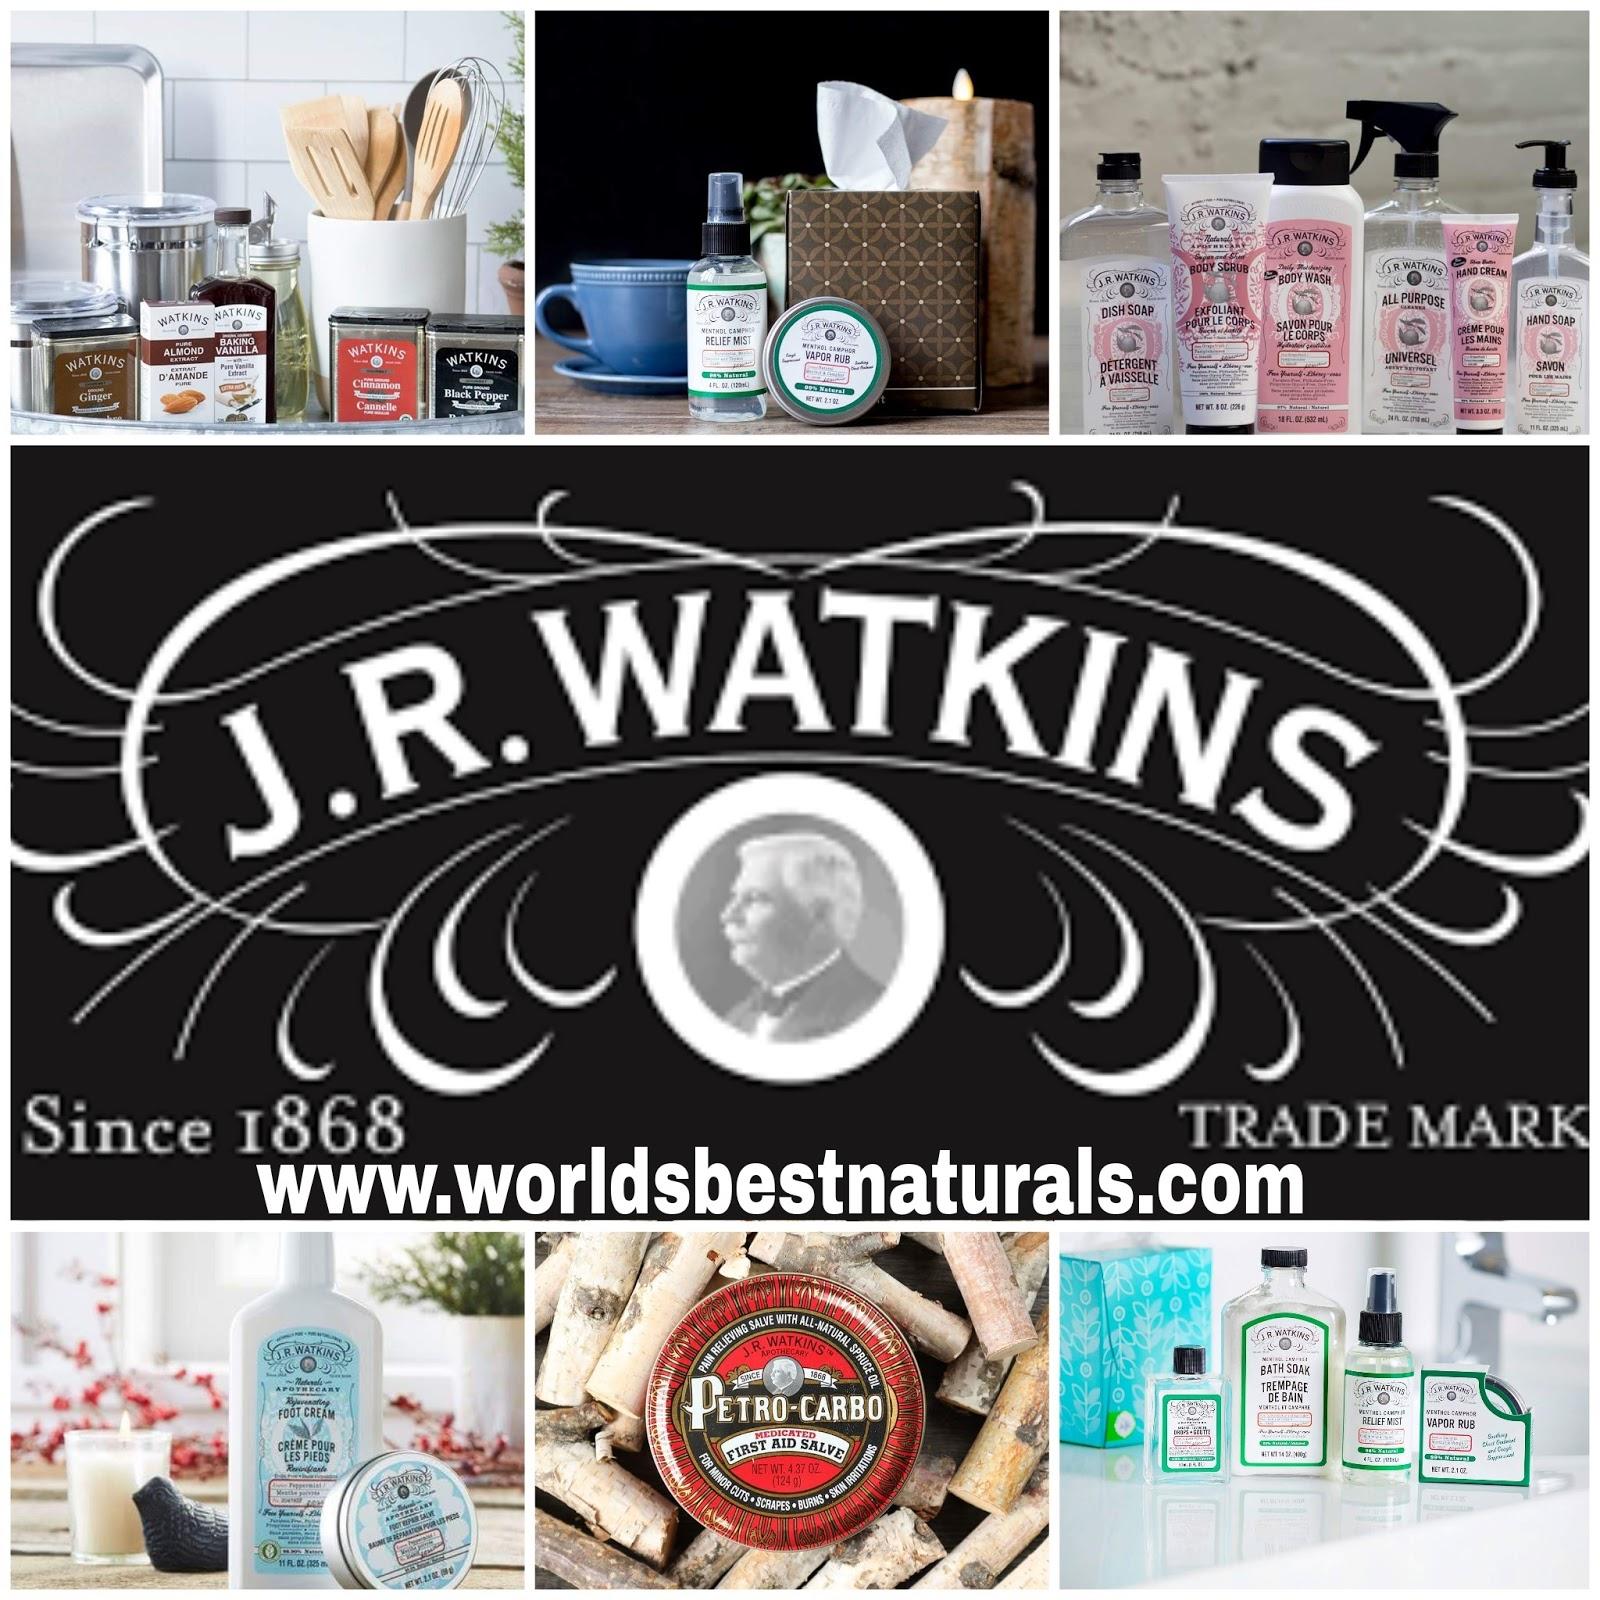 Join JR Watkins